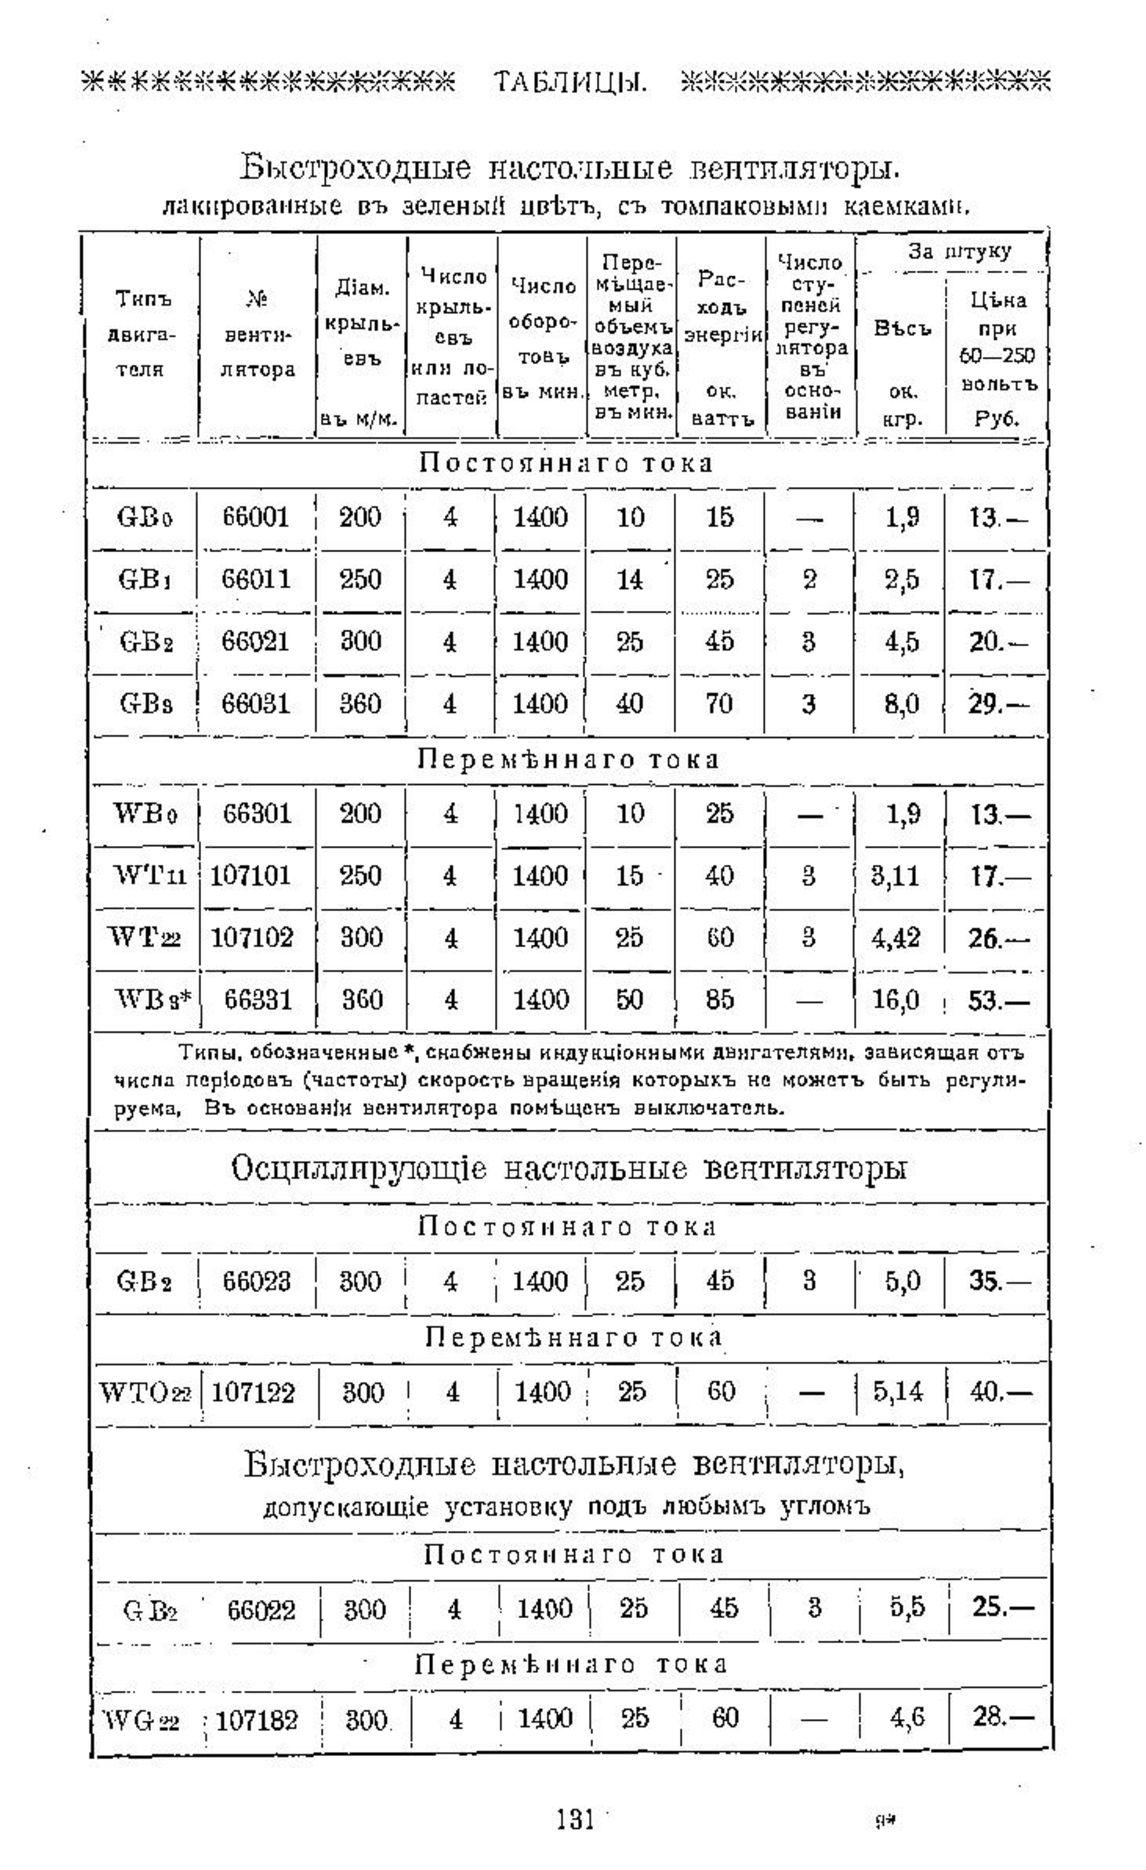 Цены на настольные электровентиляторы 1913г.